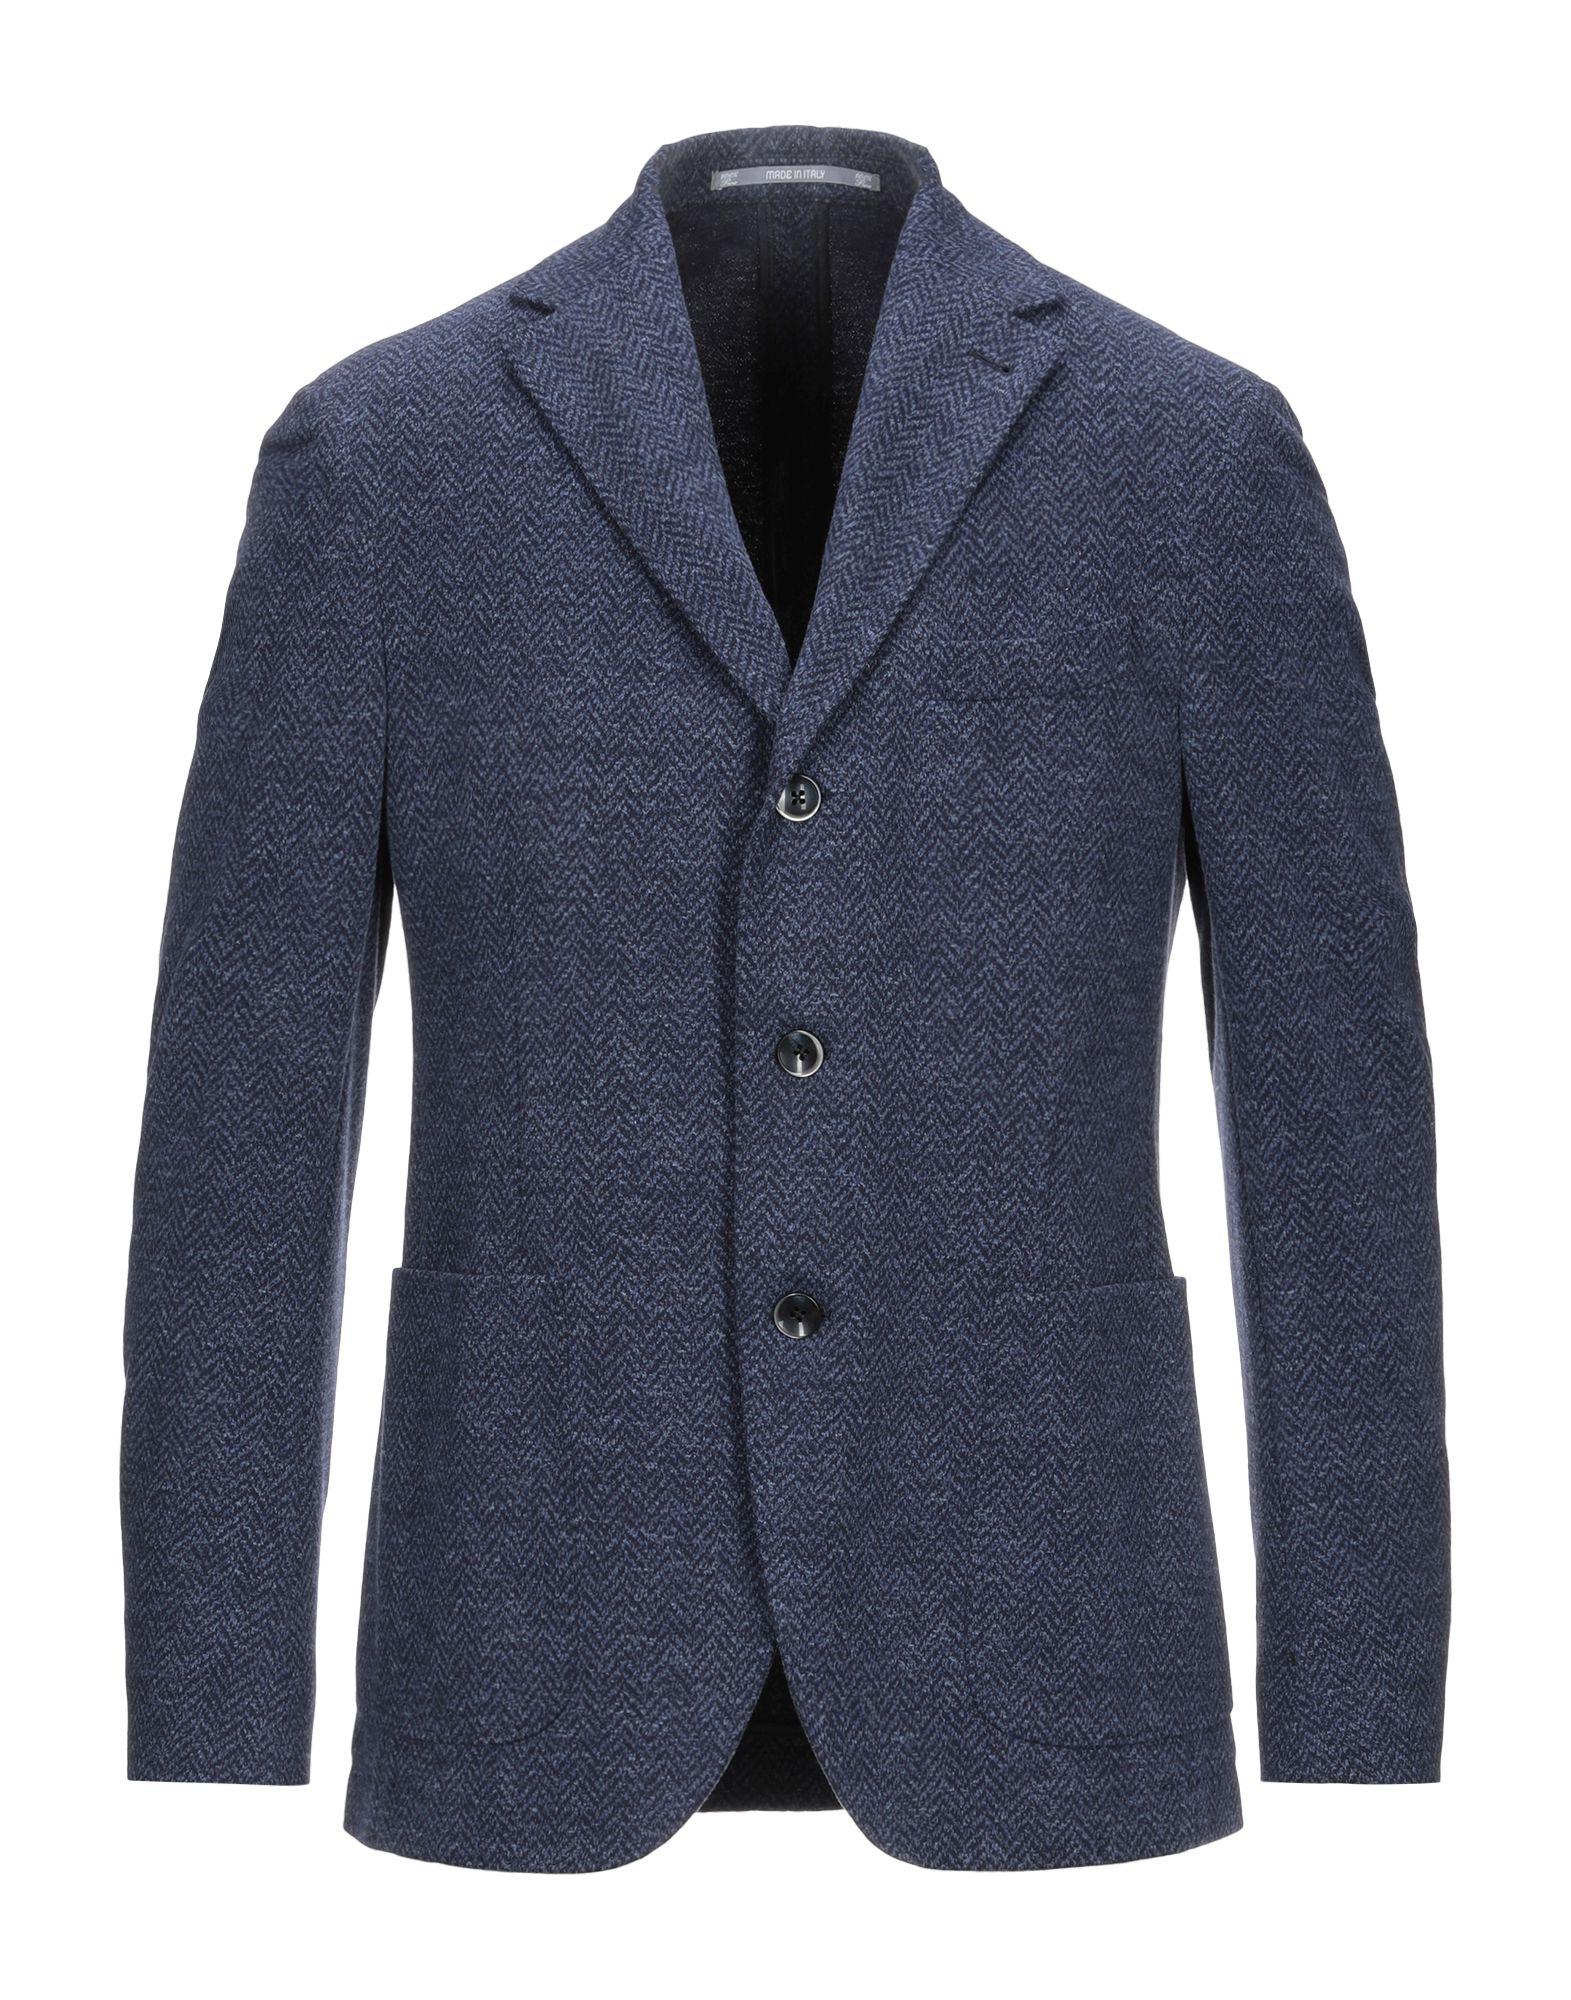 《セール開催中》CANTARELLI JERSEY PLANET メンズ テーラードジャケット ブルーグレー 50 コットン 89% / ナイロン 9% / ポリウレタン 2%